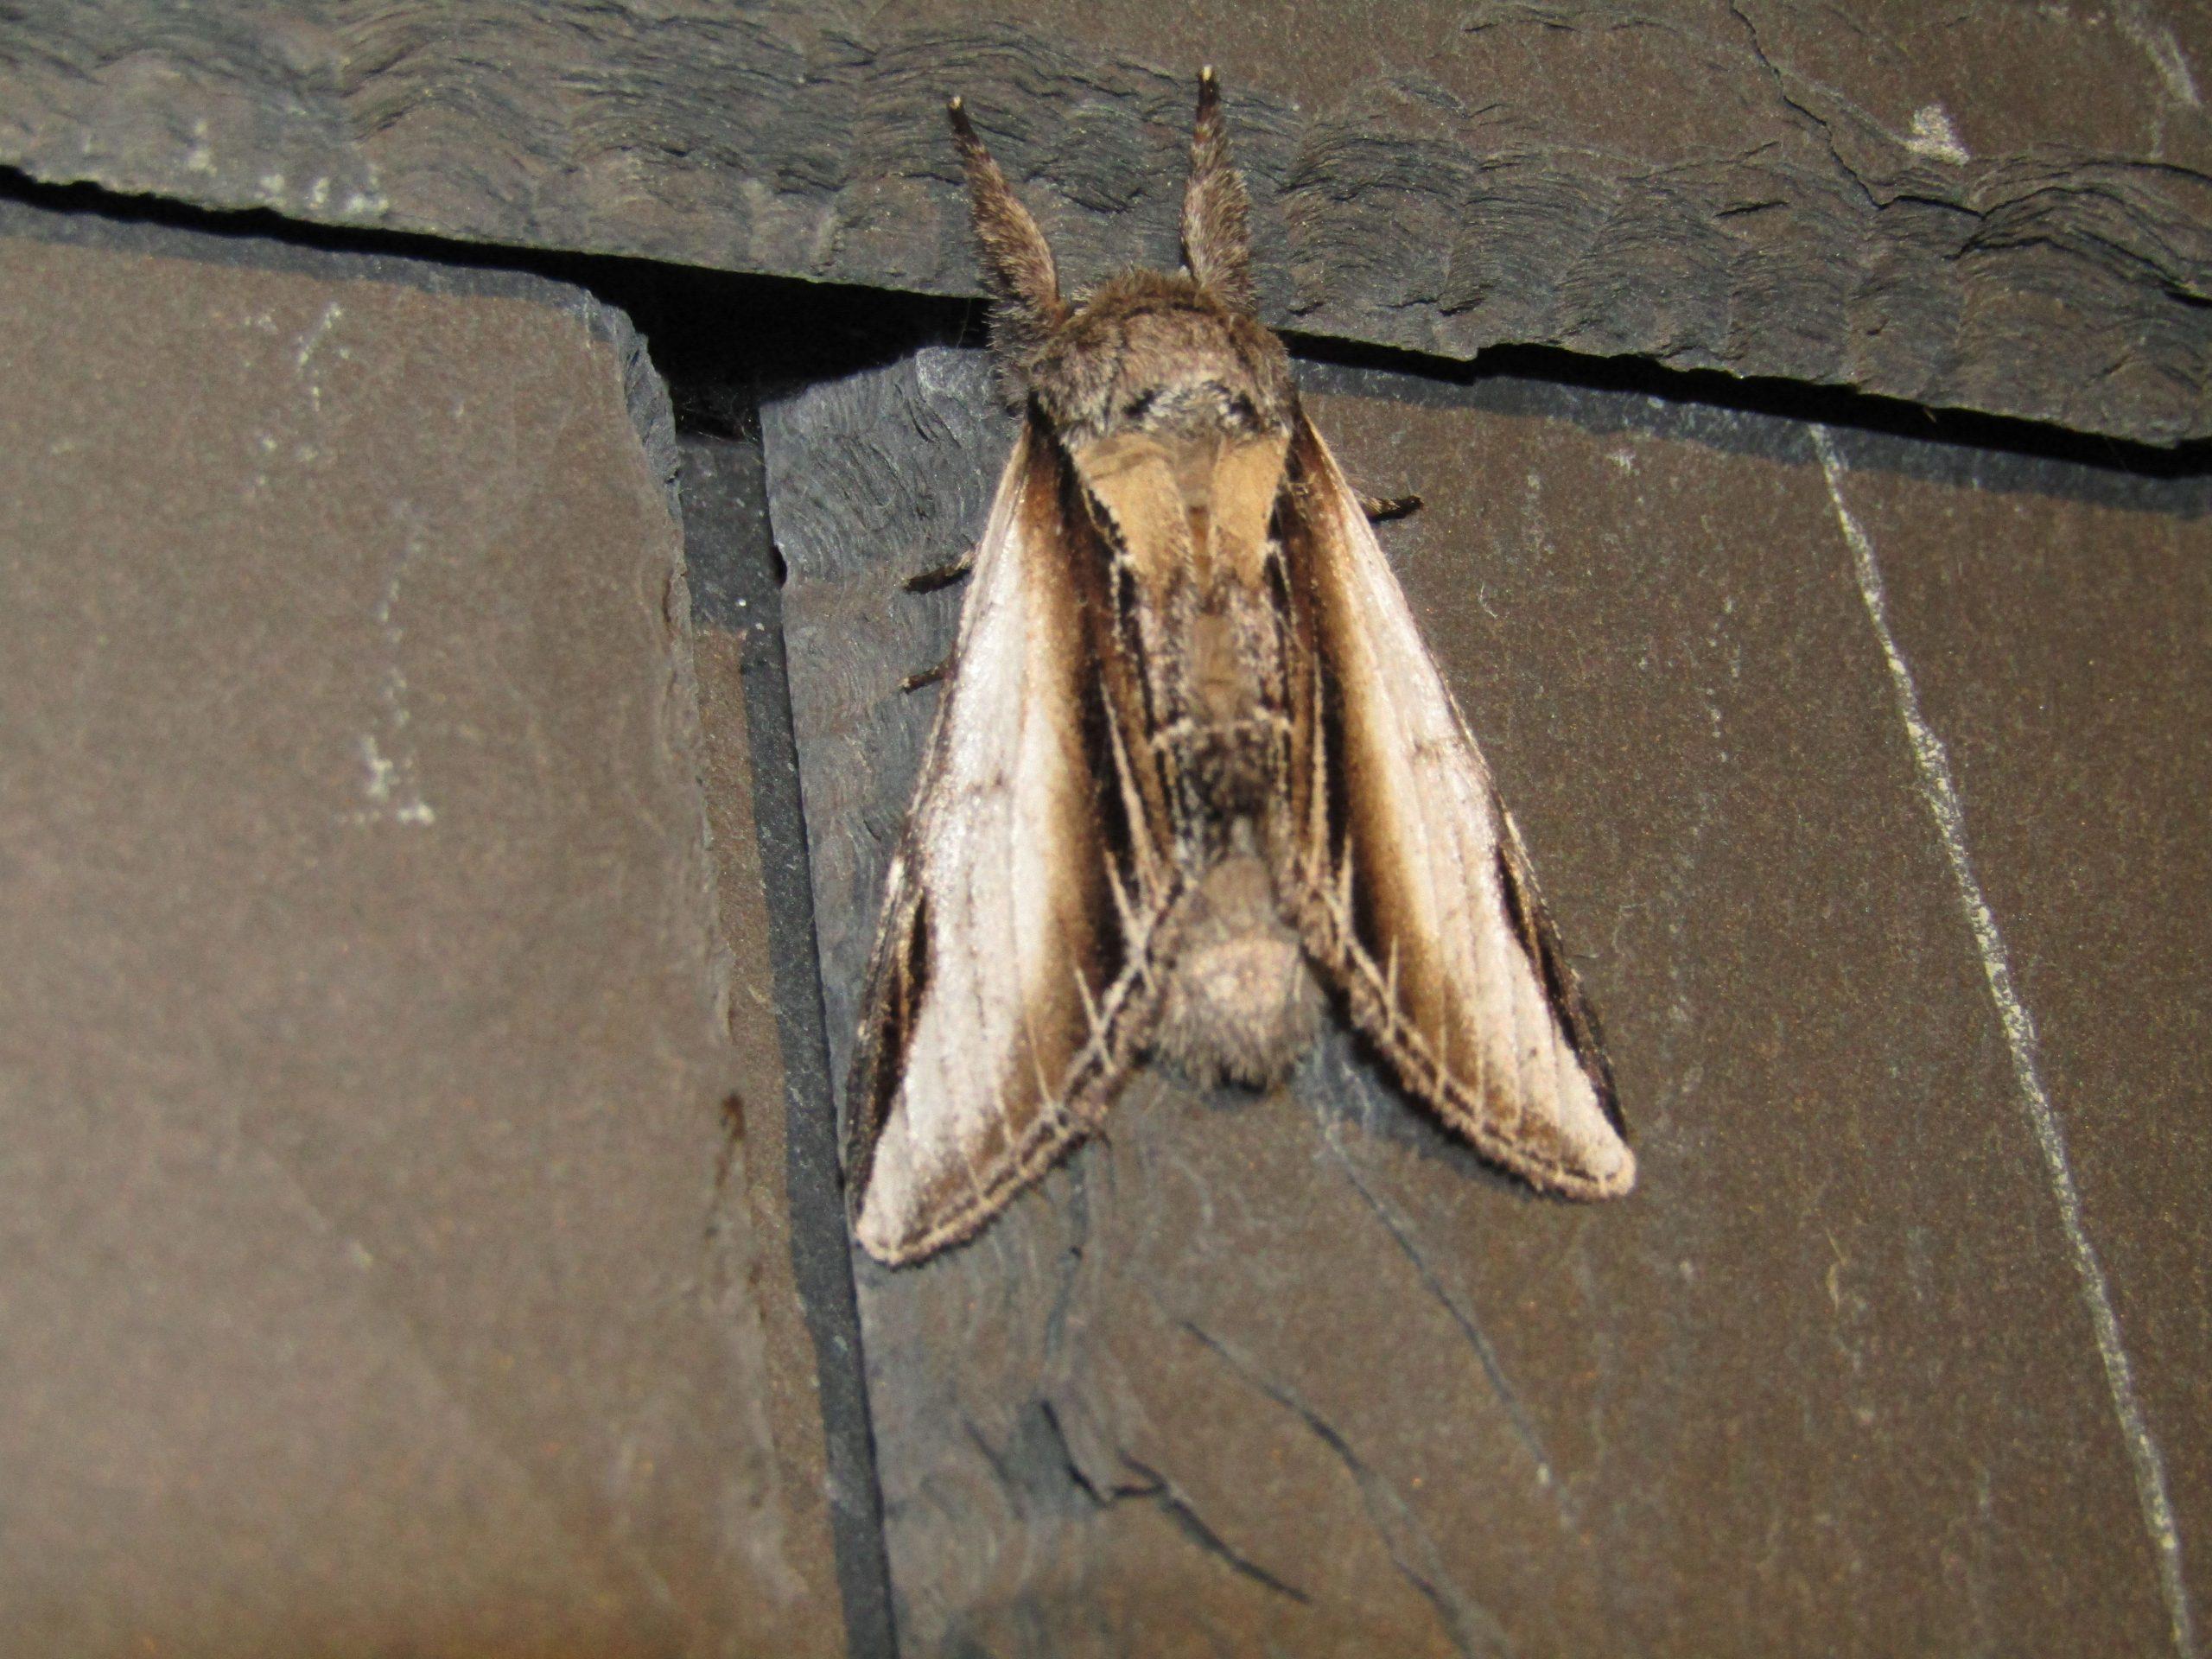 Lors de l'activité Découverte des papillons de nuit, certaines espèces n'ont pas encore de nom français. Pheosia rimosa, le papillon proéminent à bord noir - traduit de l'anglais : black-rimmed prominent -, proéminent fissuré ou faux-sphinx, est un papillon de nuit de la famille des Notodontidae.